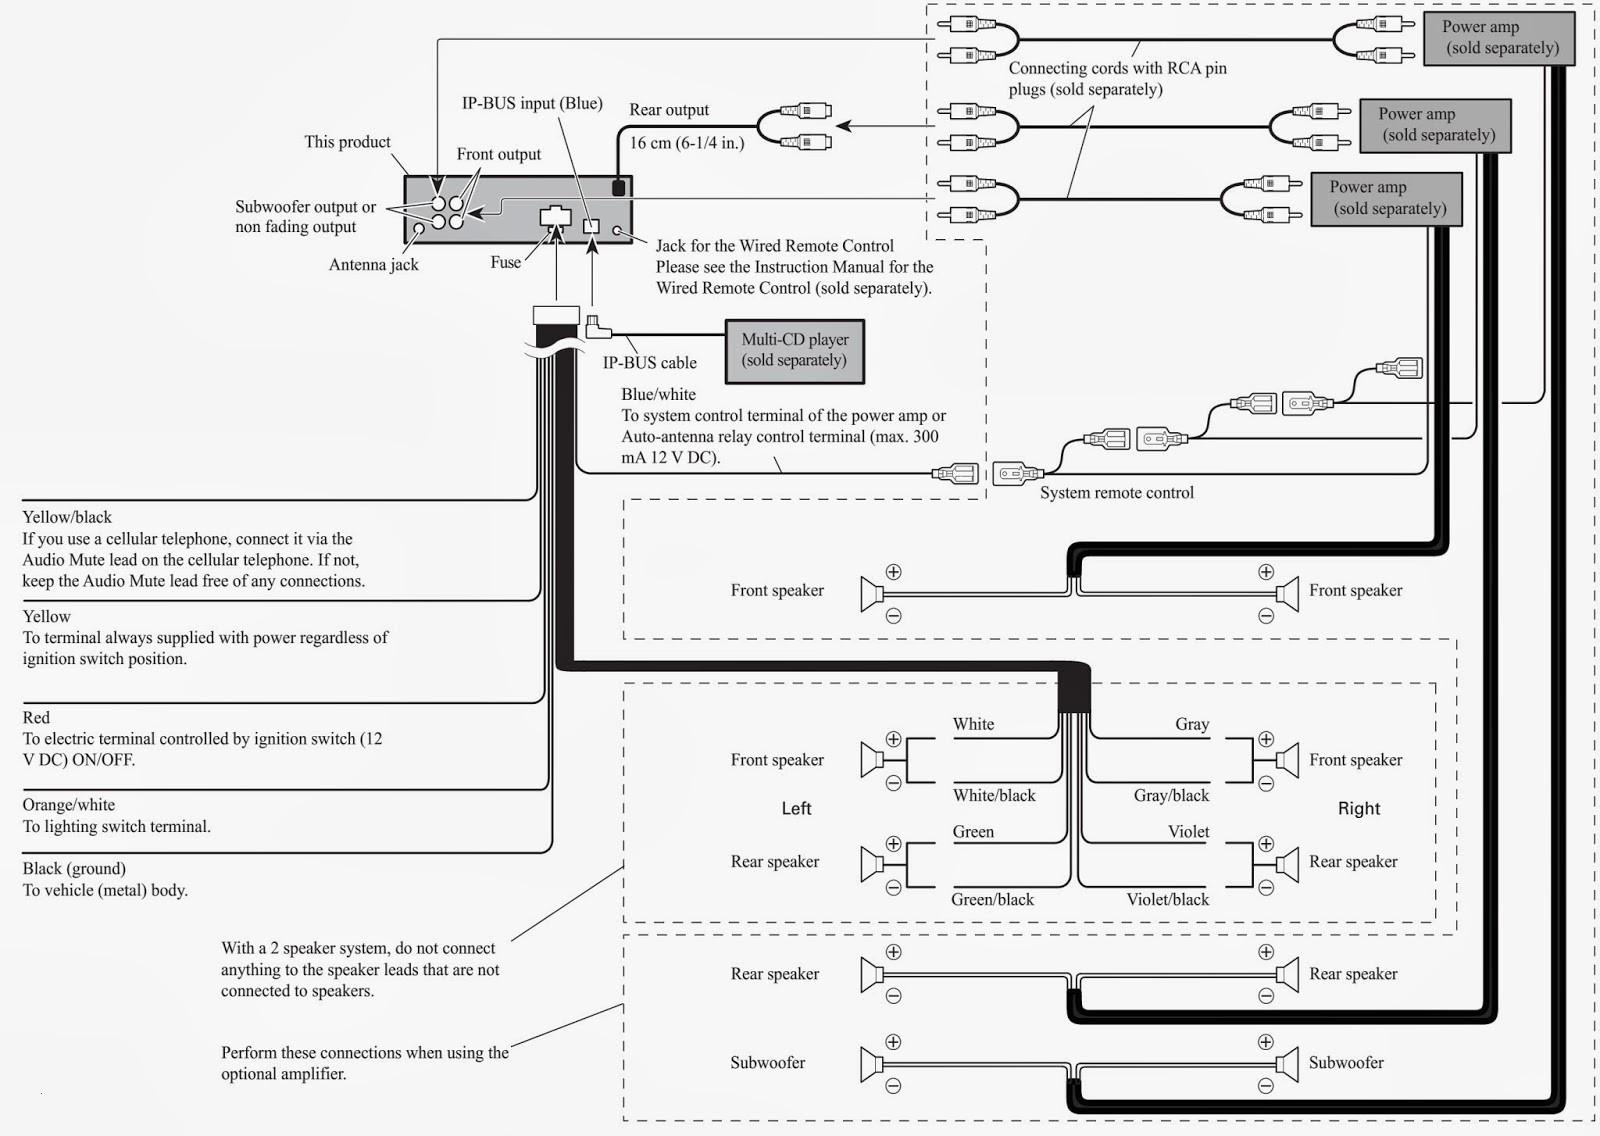 ... pioneer avh p2400bt wiring diagram best of wiring diagram image Pioneer  AVH 2400Bt pioneer deh 1600